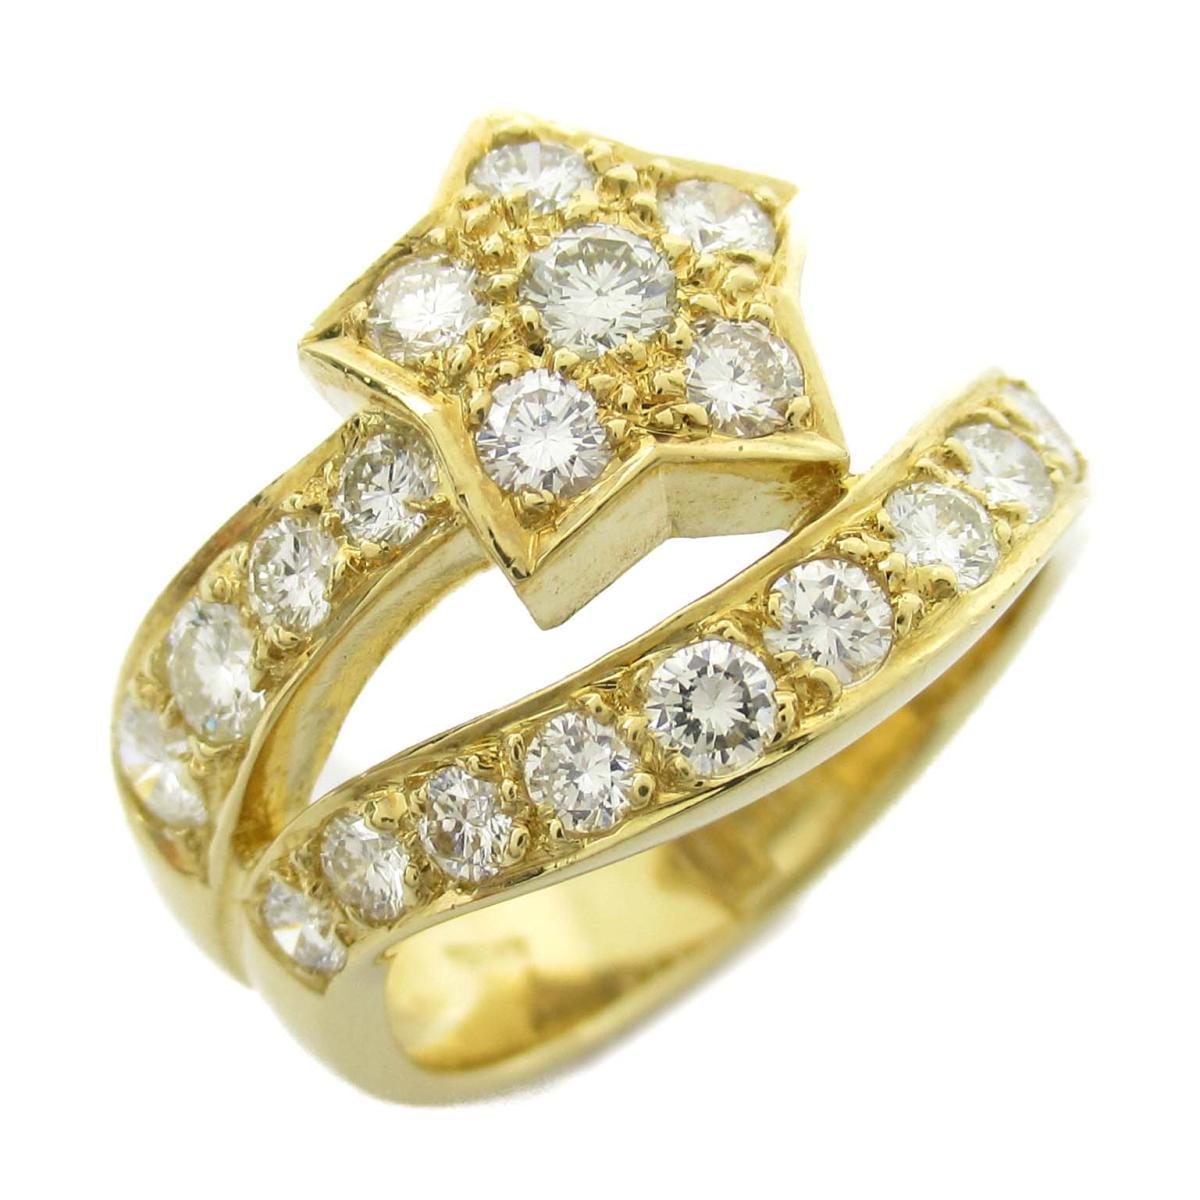 ジュエリー ダイヤモンド リング 指輪 ノーブランドジュエリー レディース K18YG (750) イエローゴールド x ダイヤモンド1.22ct 【中古】 | JEWELRY BRANDOFF ブランドオフ アクセサリー